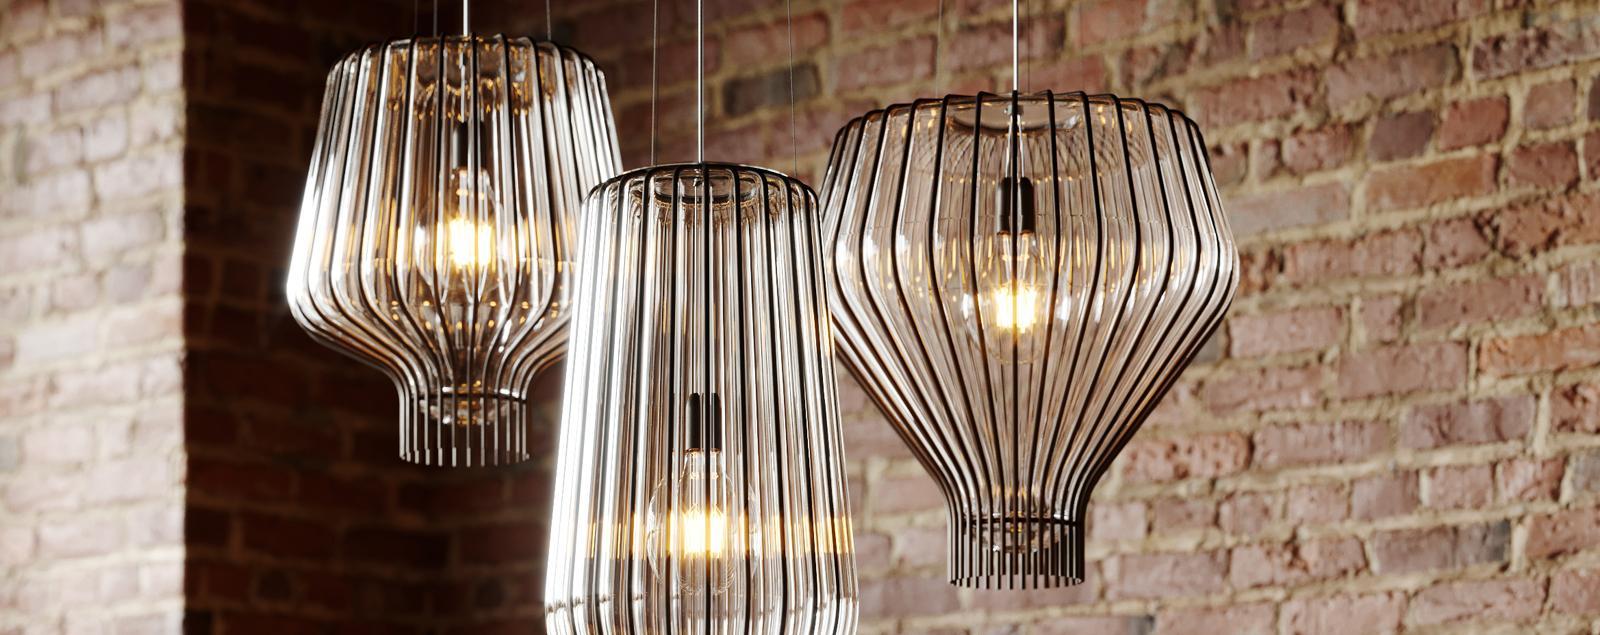 Lampadari Per Grandi Saloni.Eventi Illuminazione Fiere Illuminazione Novita Su Luci Lampade E